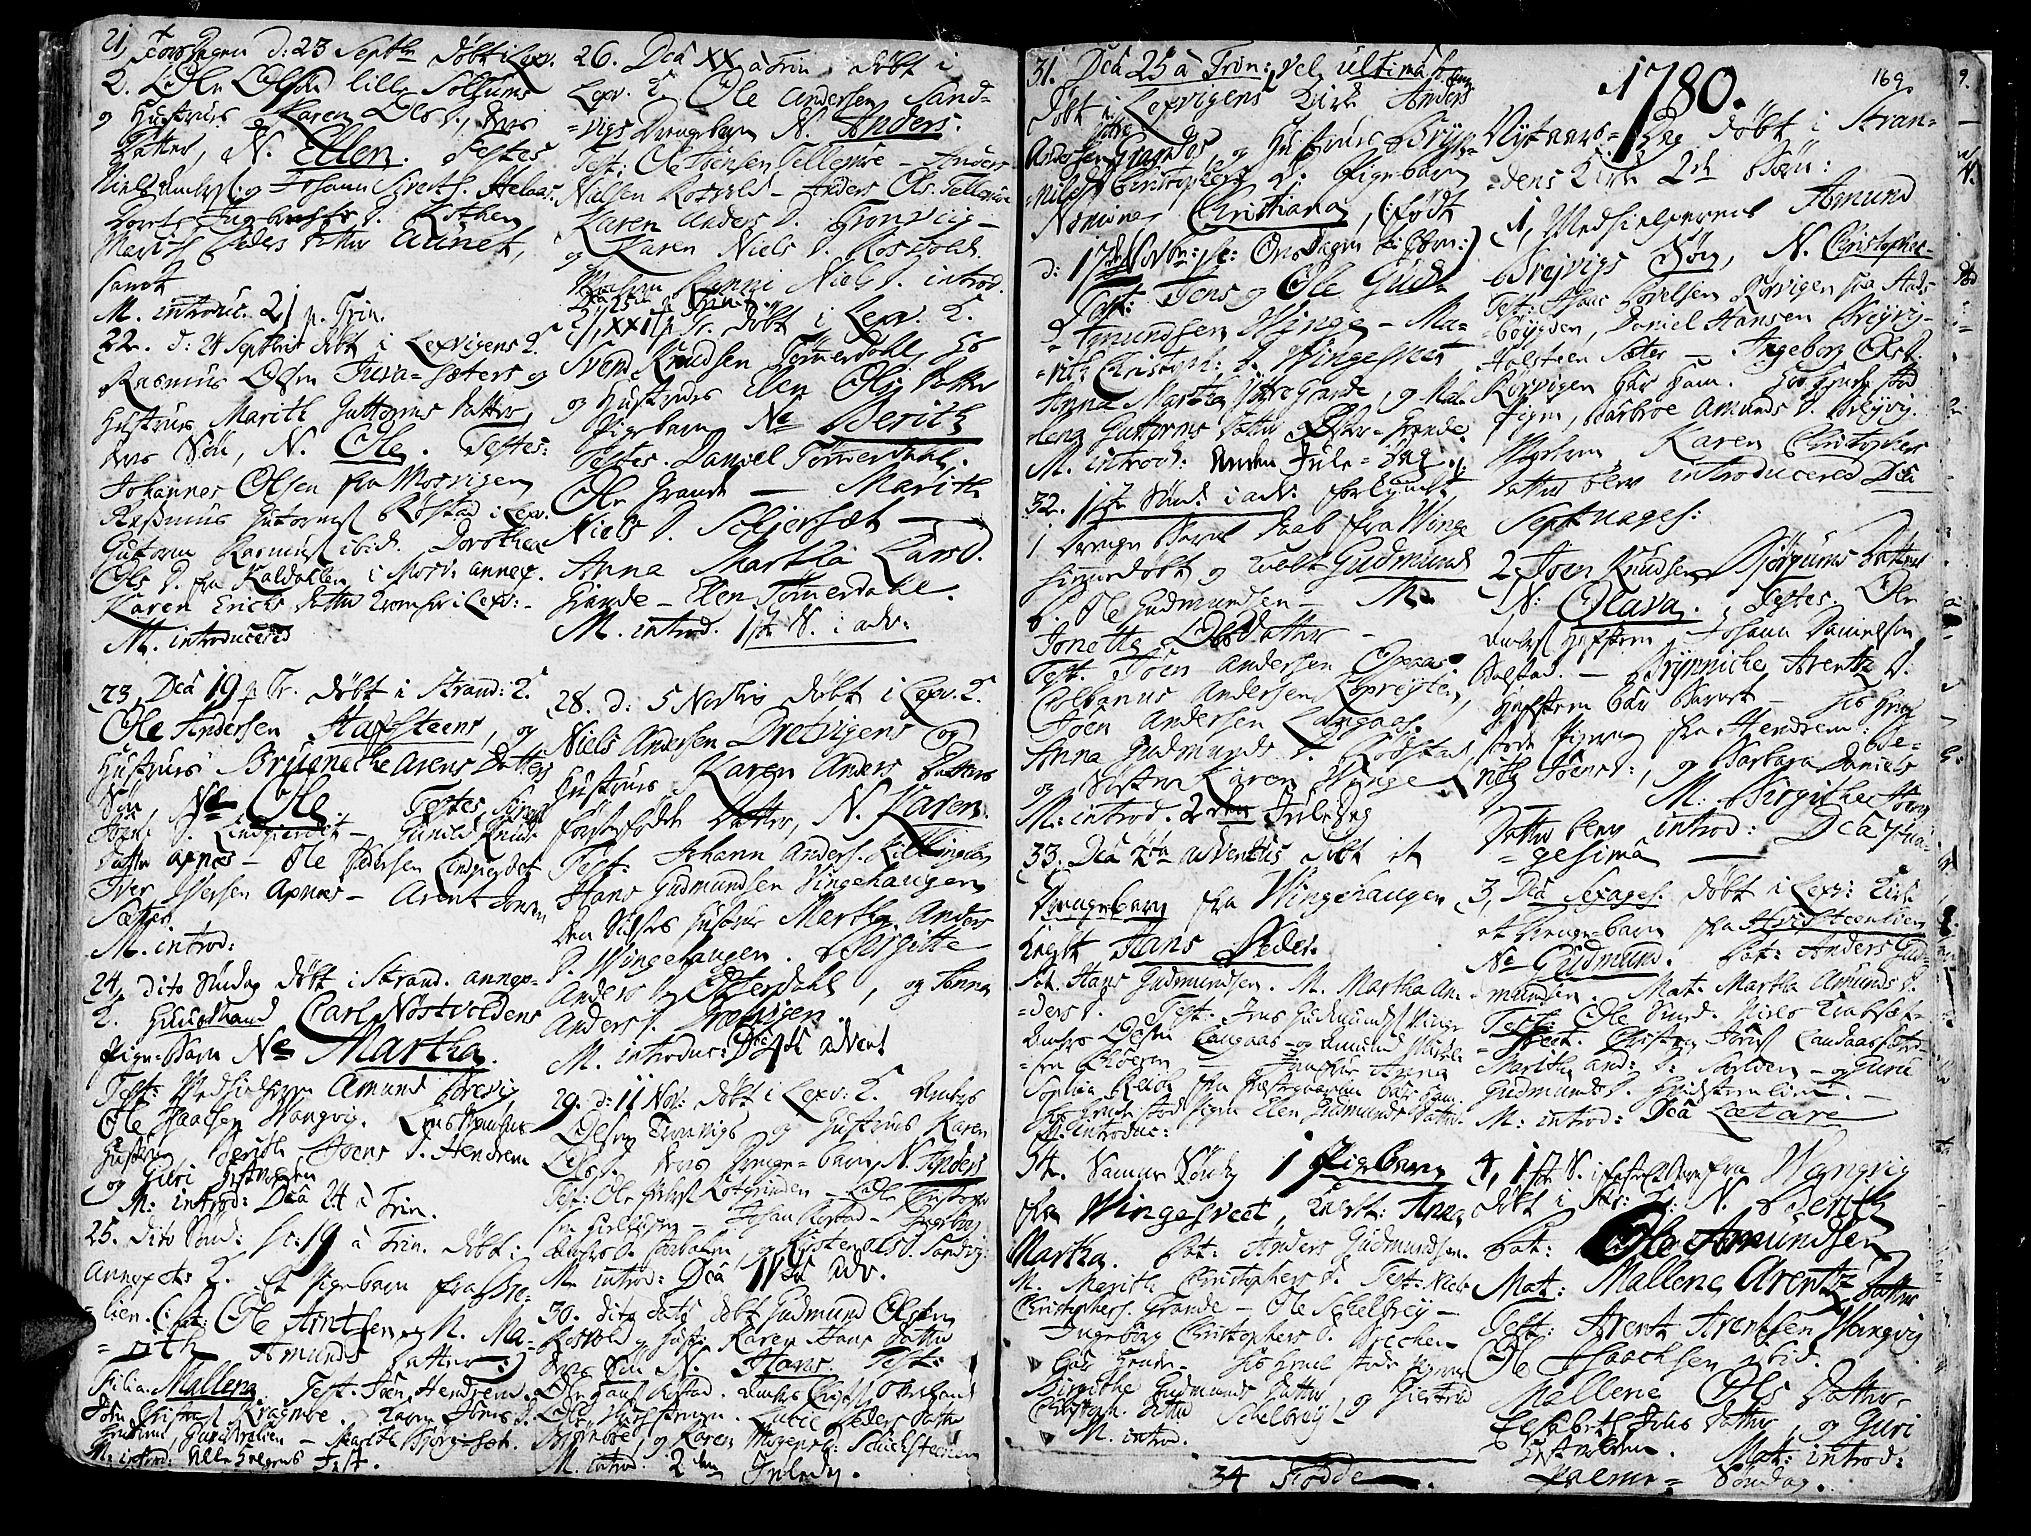 SAT, Ministerialprotokoller, klokkerbøker og fødselsregistre - Nord-Trøndelag, 701/L0003: Ministerialbok nr. 701A03, 1751-1783, s. 169